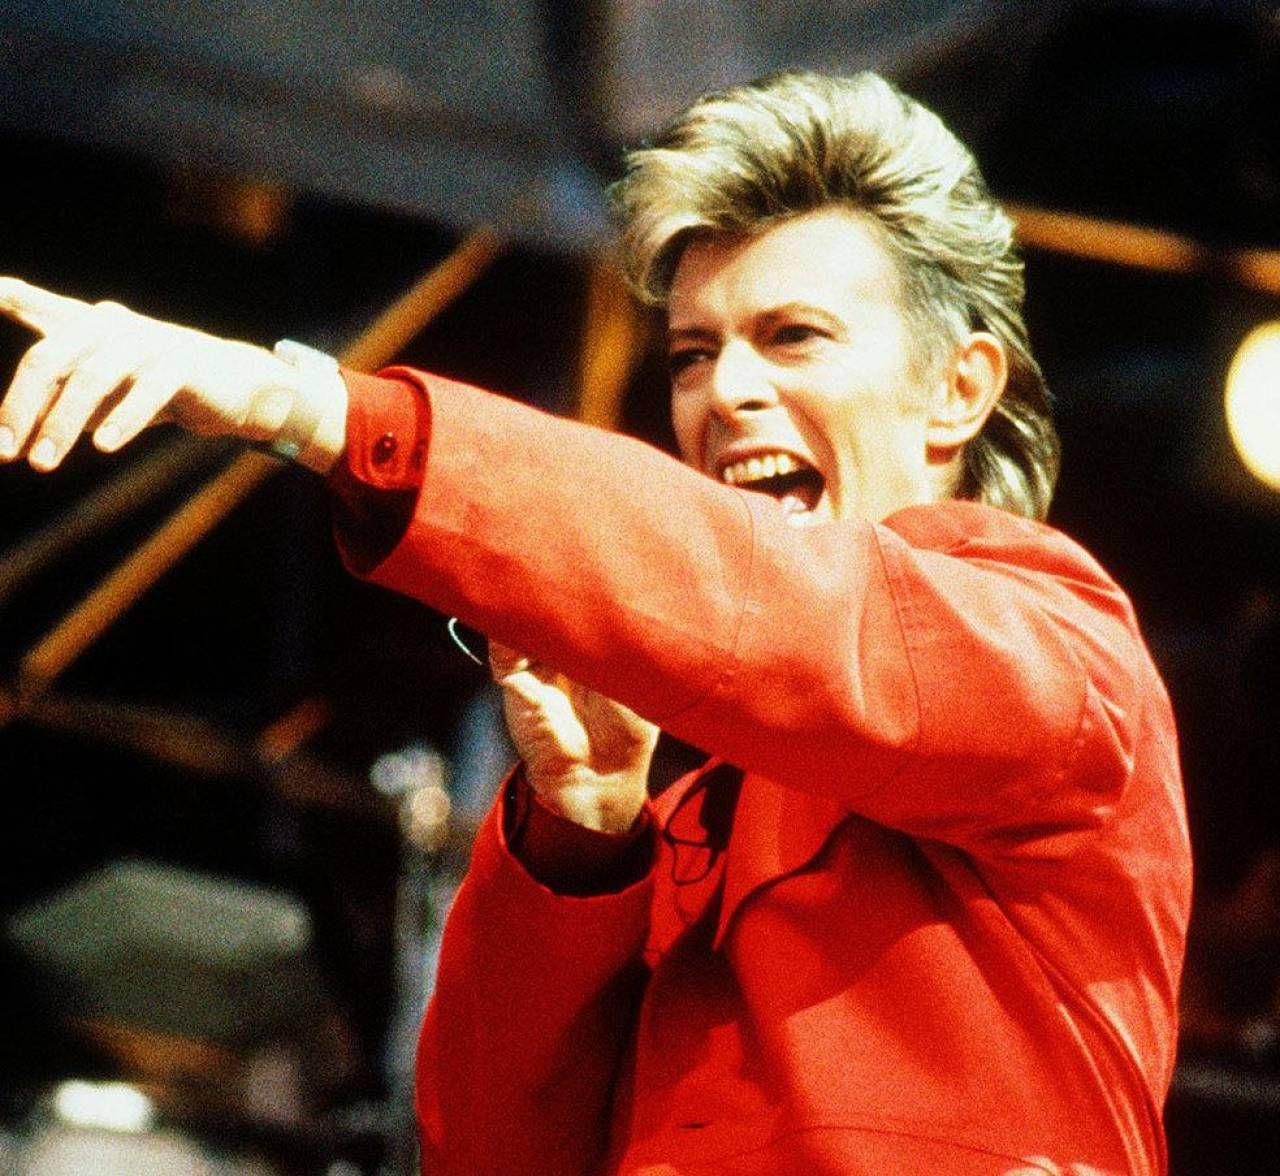 La musica di David Bowie con l'interpretazione di Andy, Andrea Fumagalli